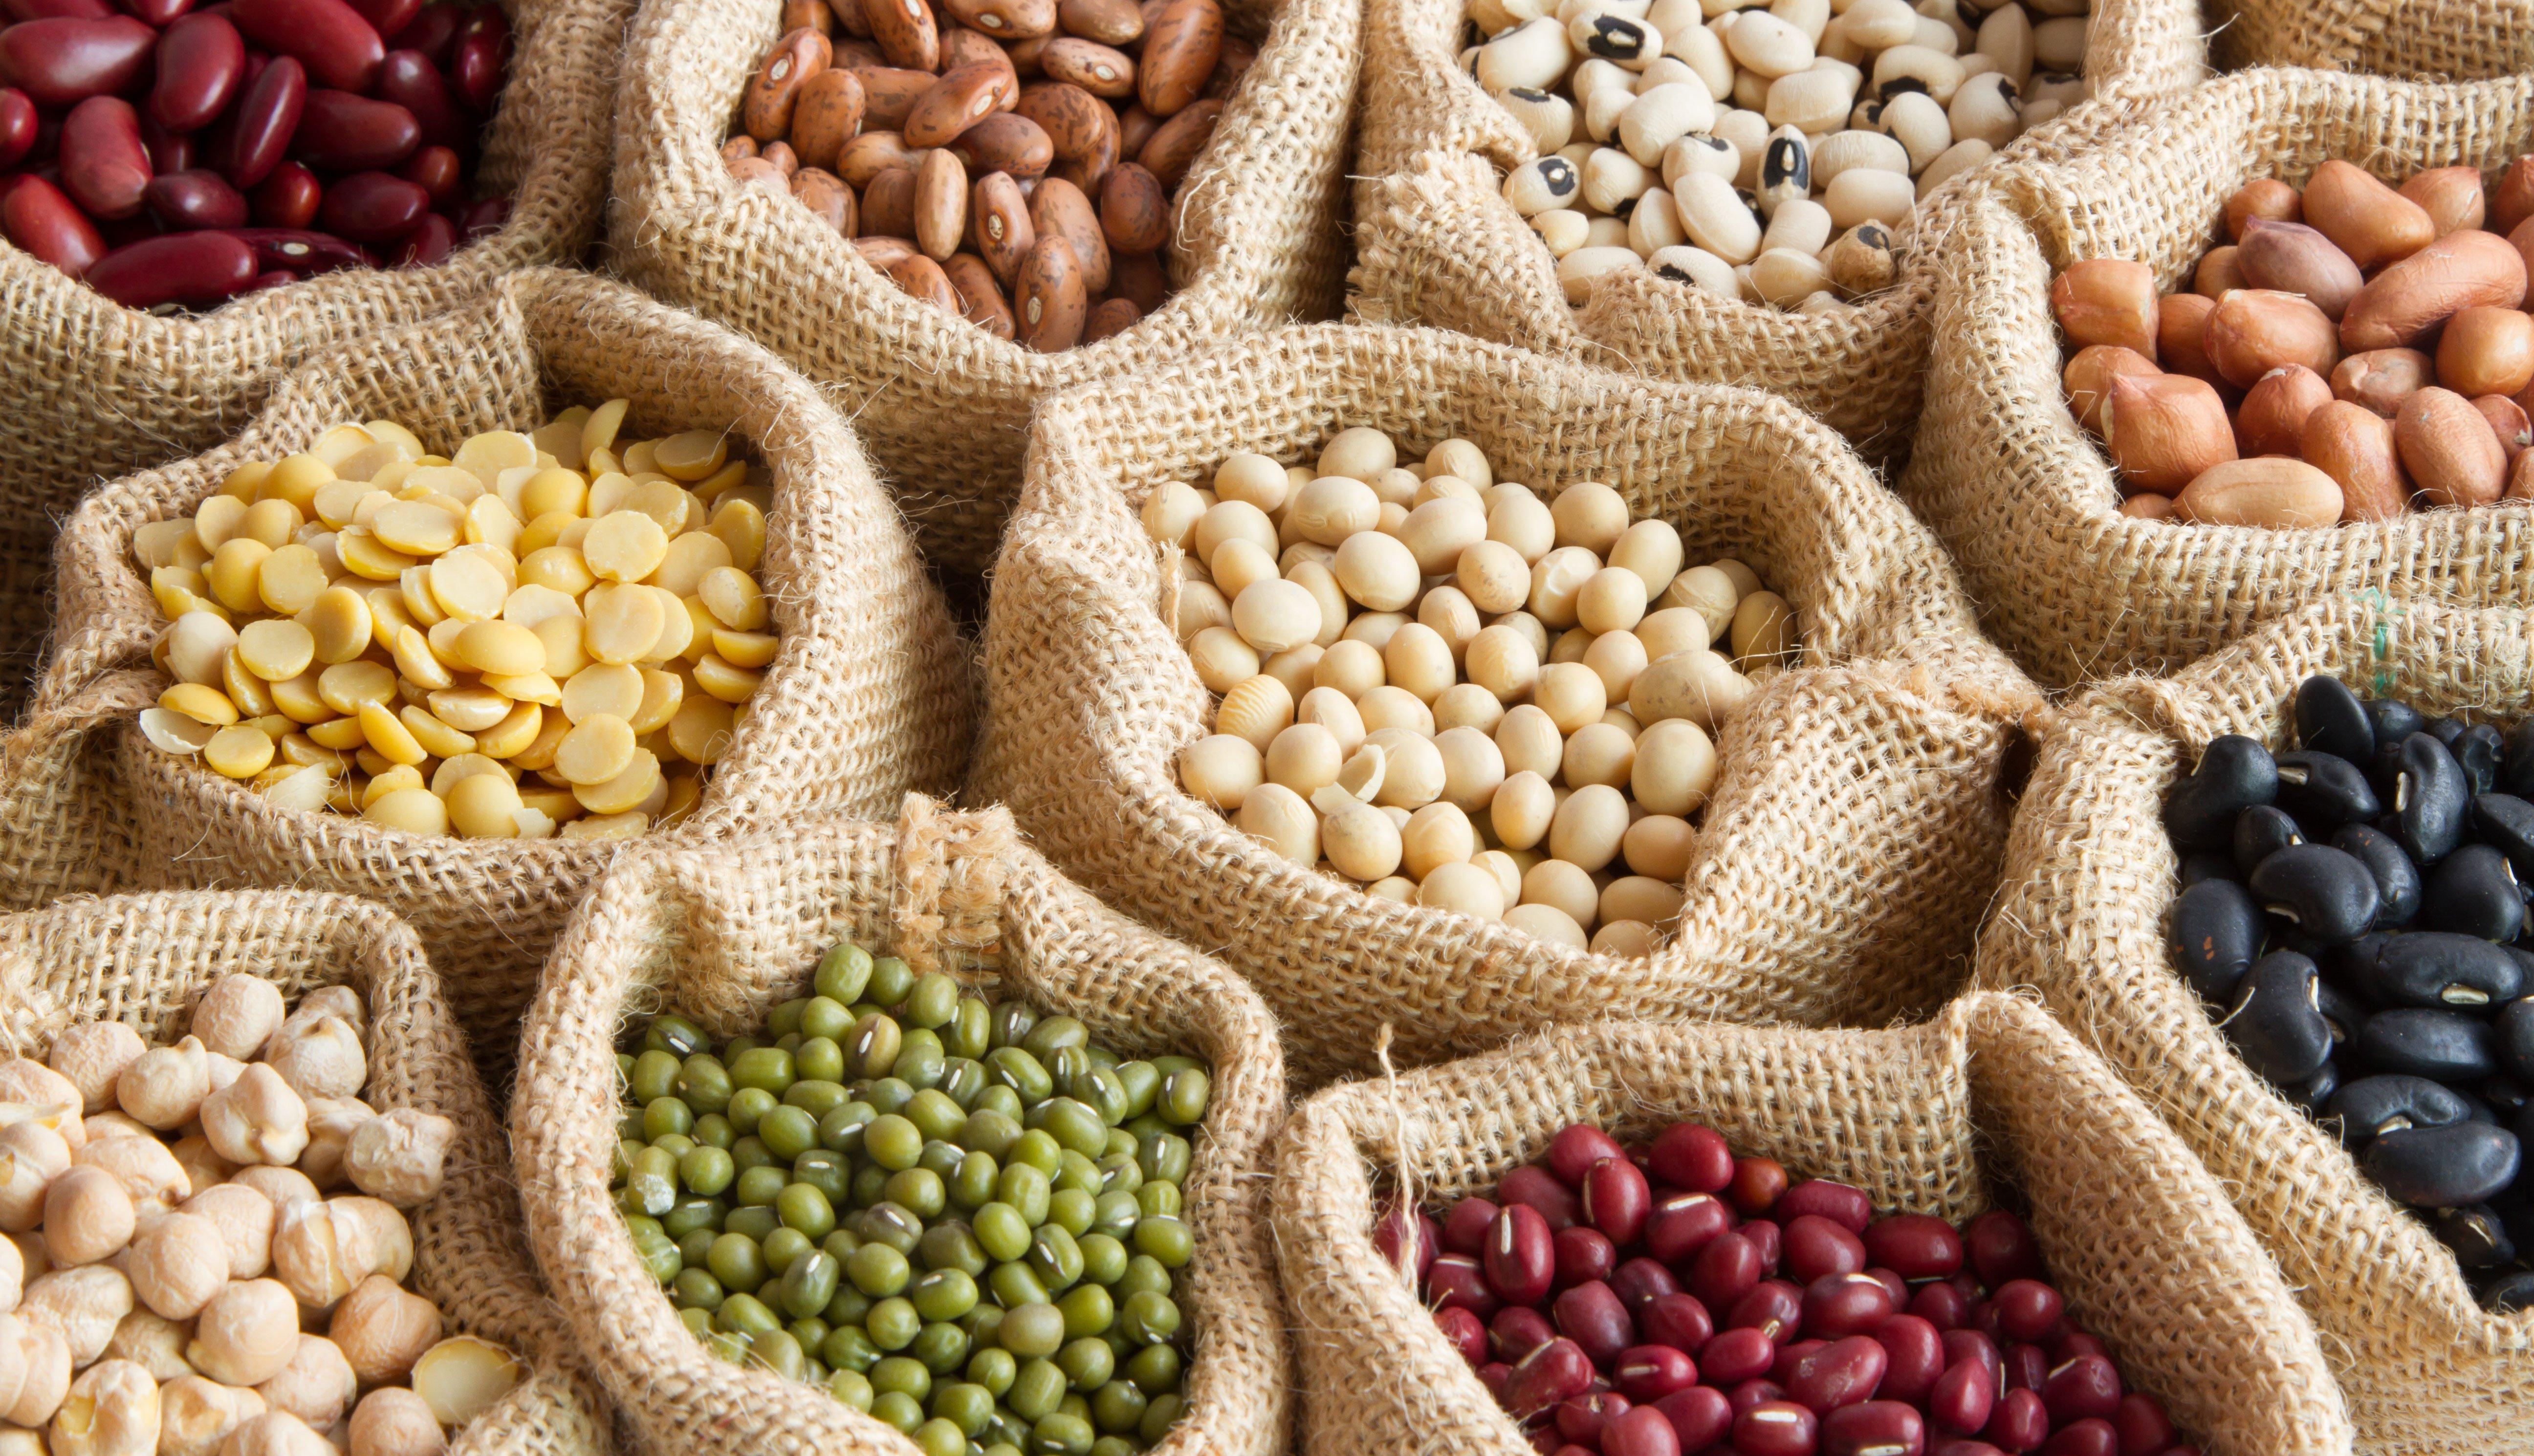 Varias legumbres en sacos